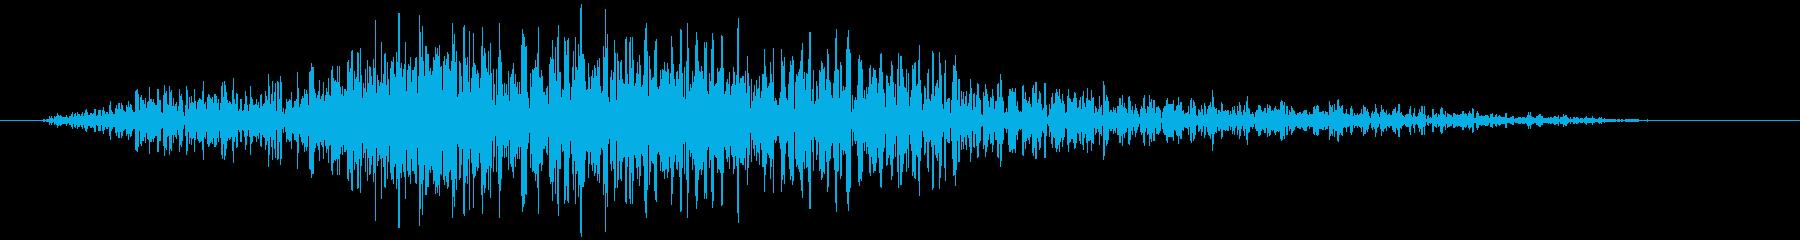 グロイニングウッドクリーク、フォリーの再生済みの波形